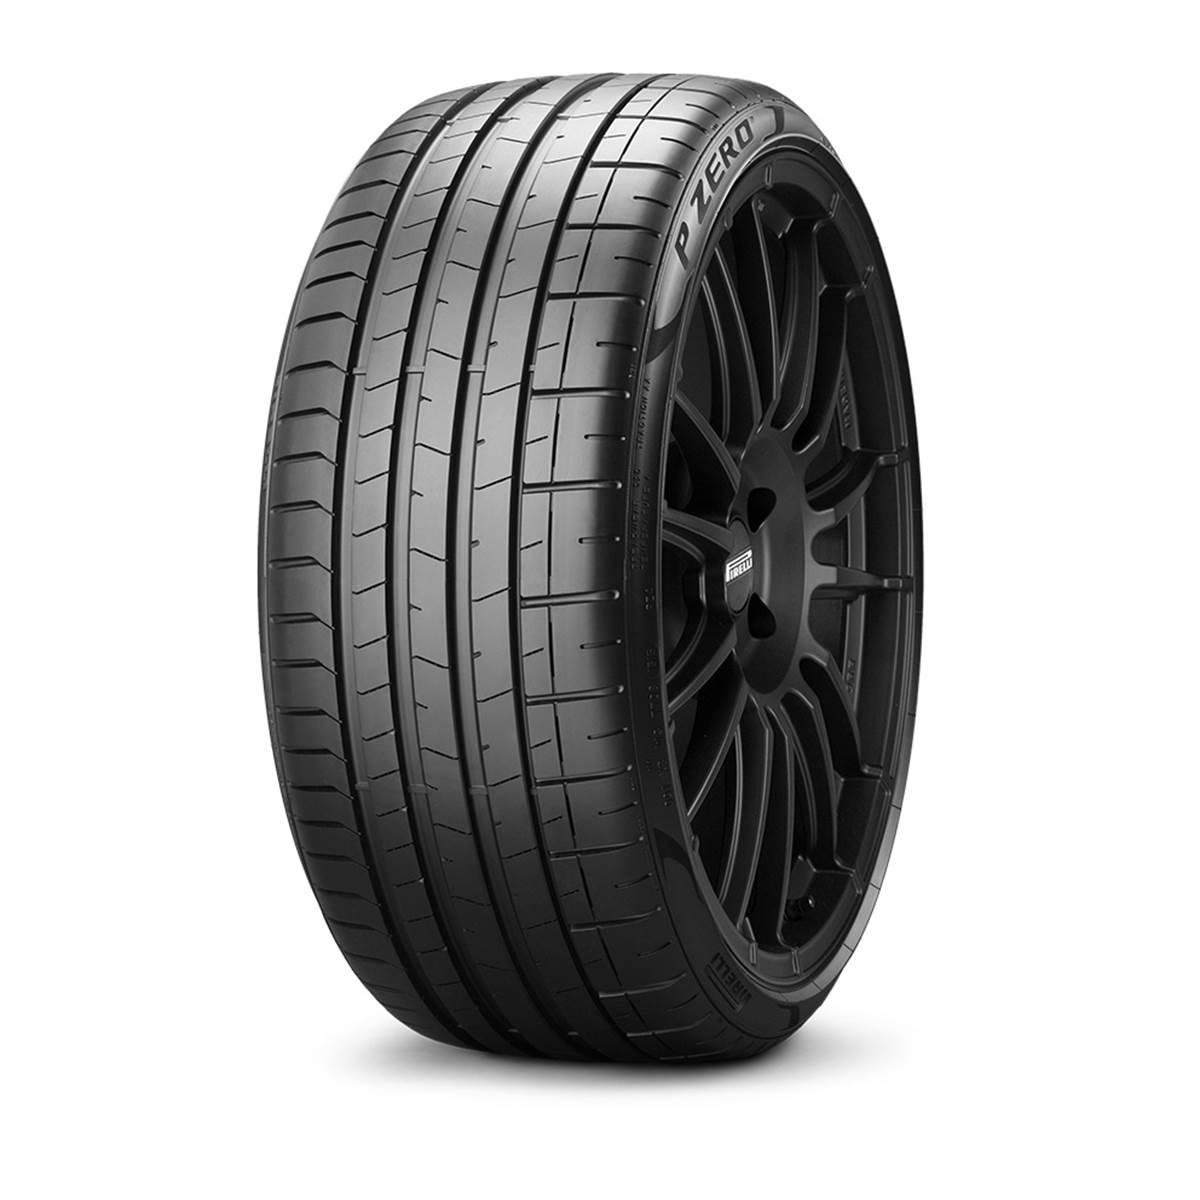 Pneu Pirelli 285/30R20 99Y Pzero XL